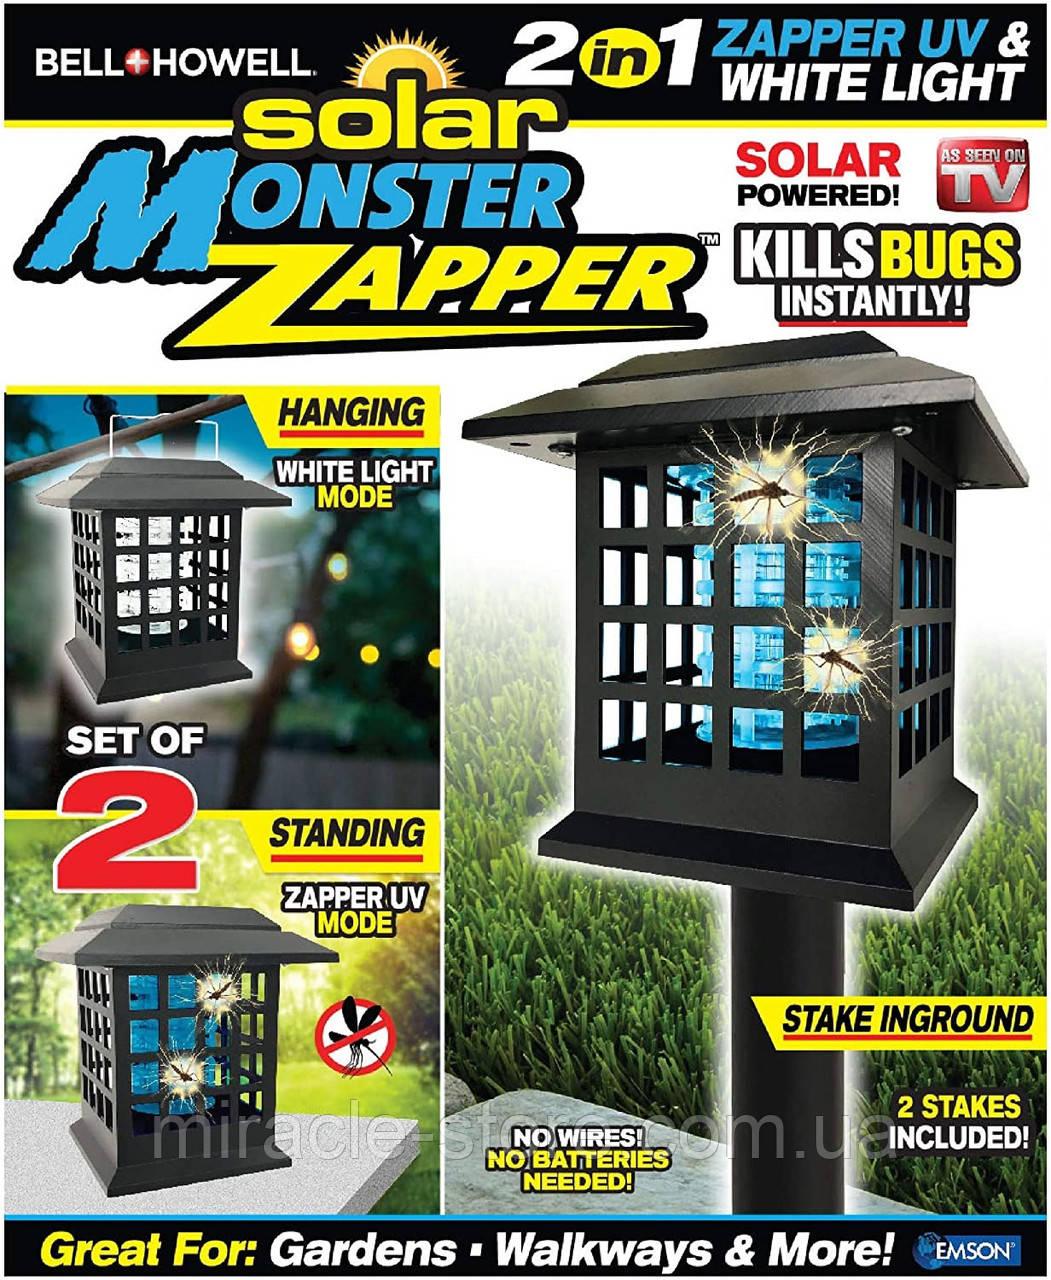 Solar Monater Zapper портативний знищувач комарів